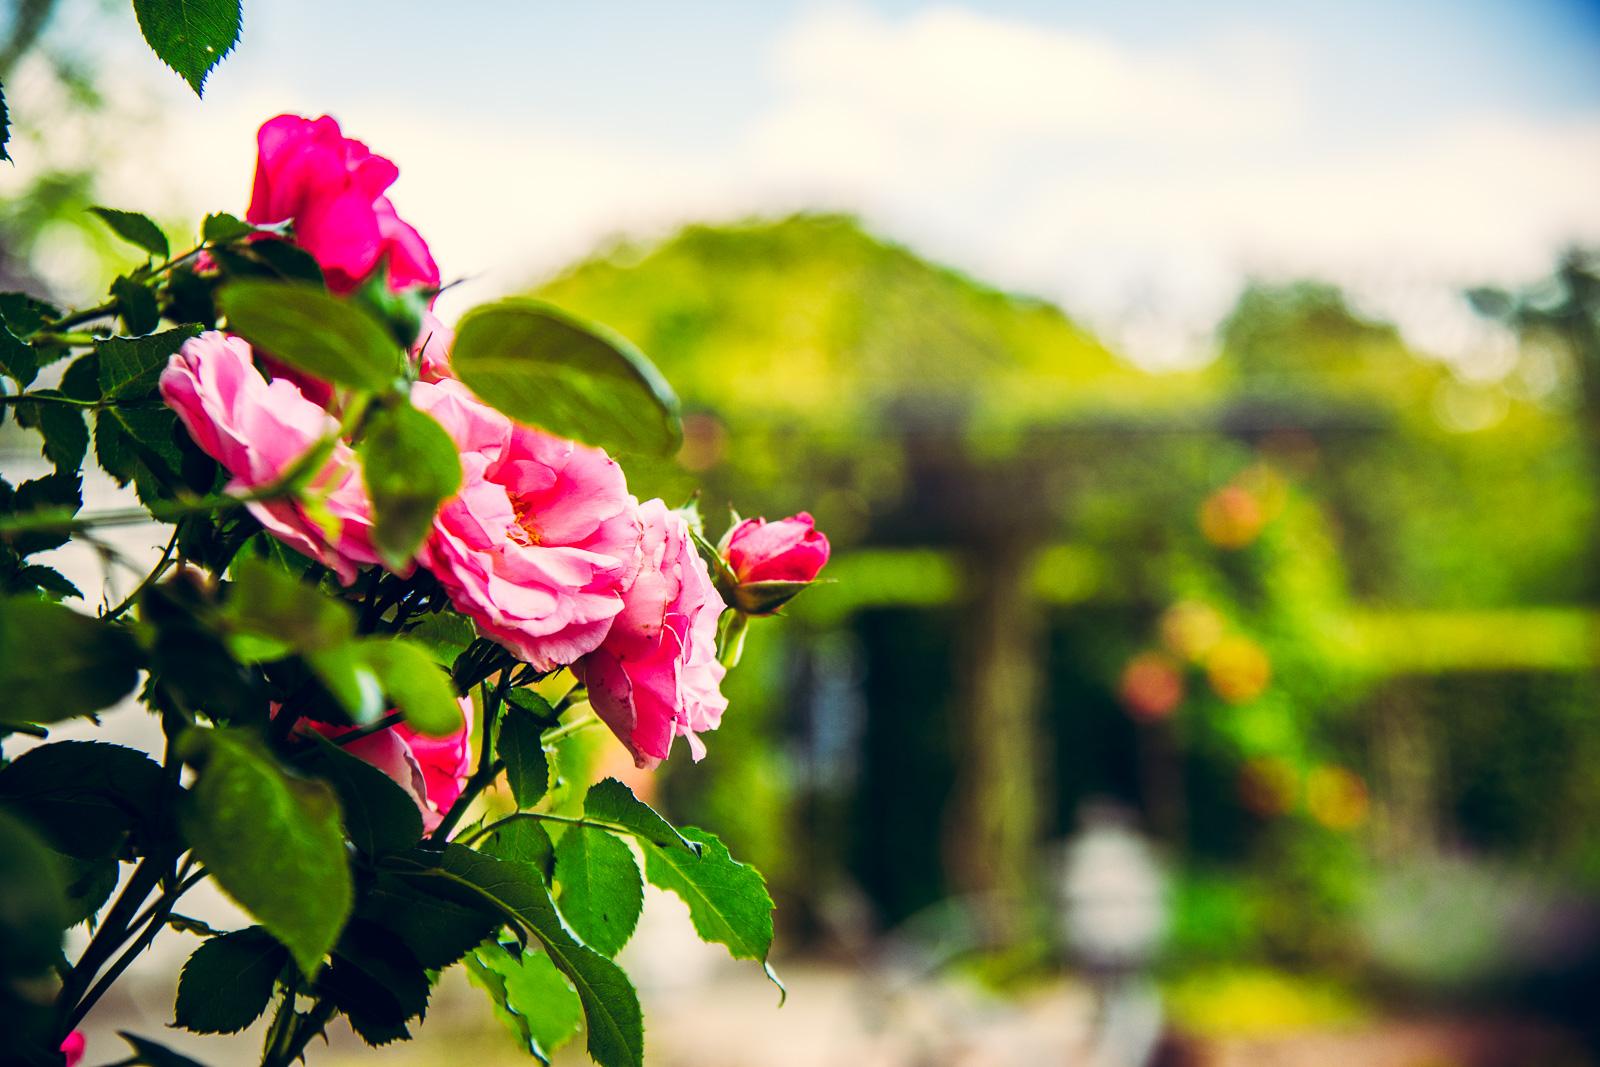 Sommerblüte in Ihrem Garten!